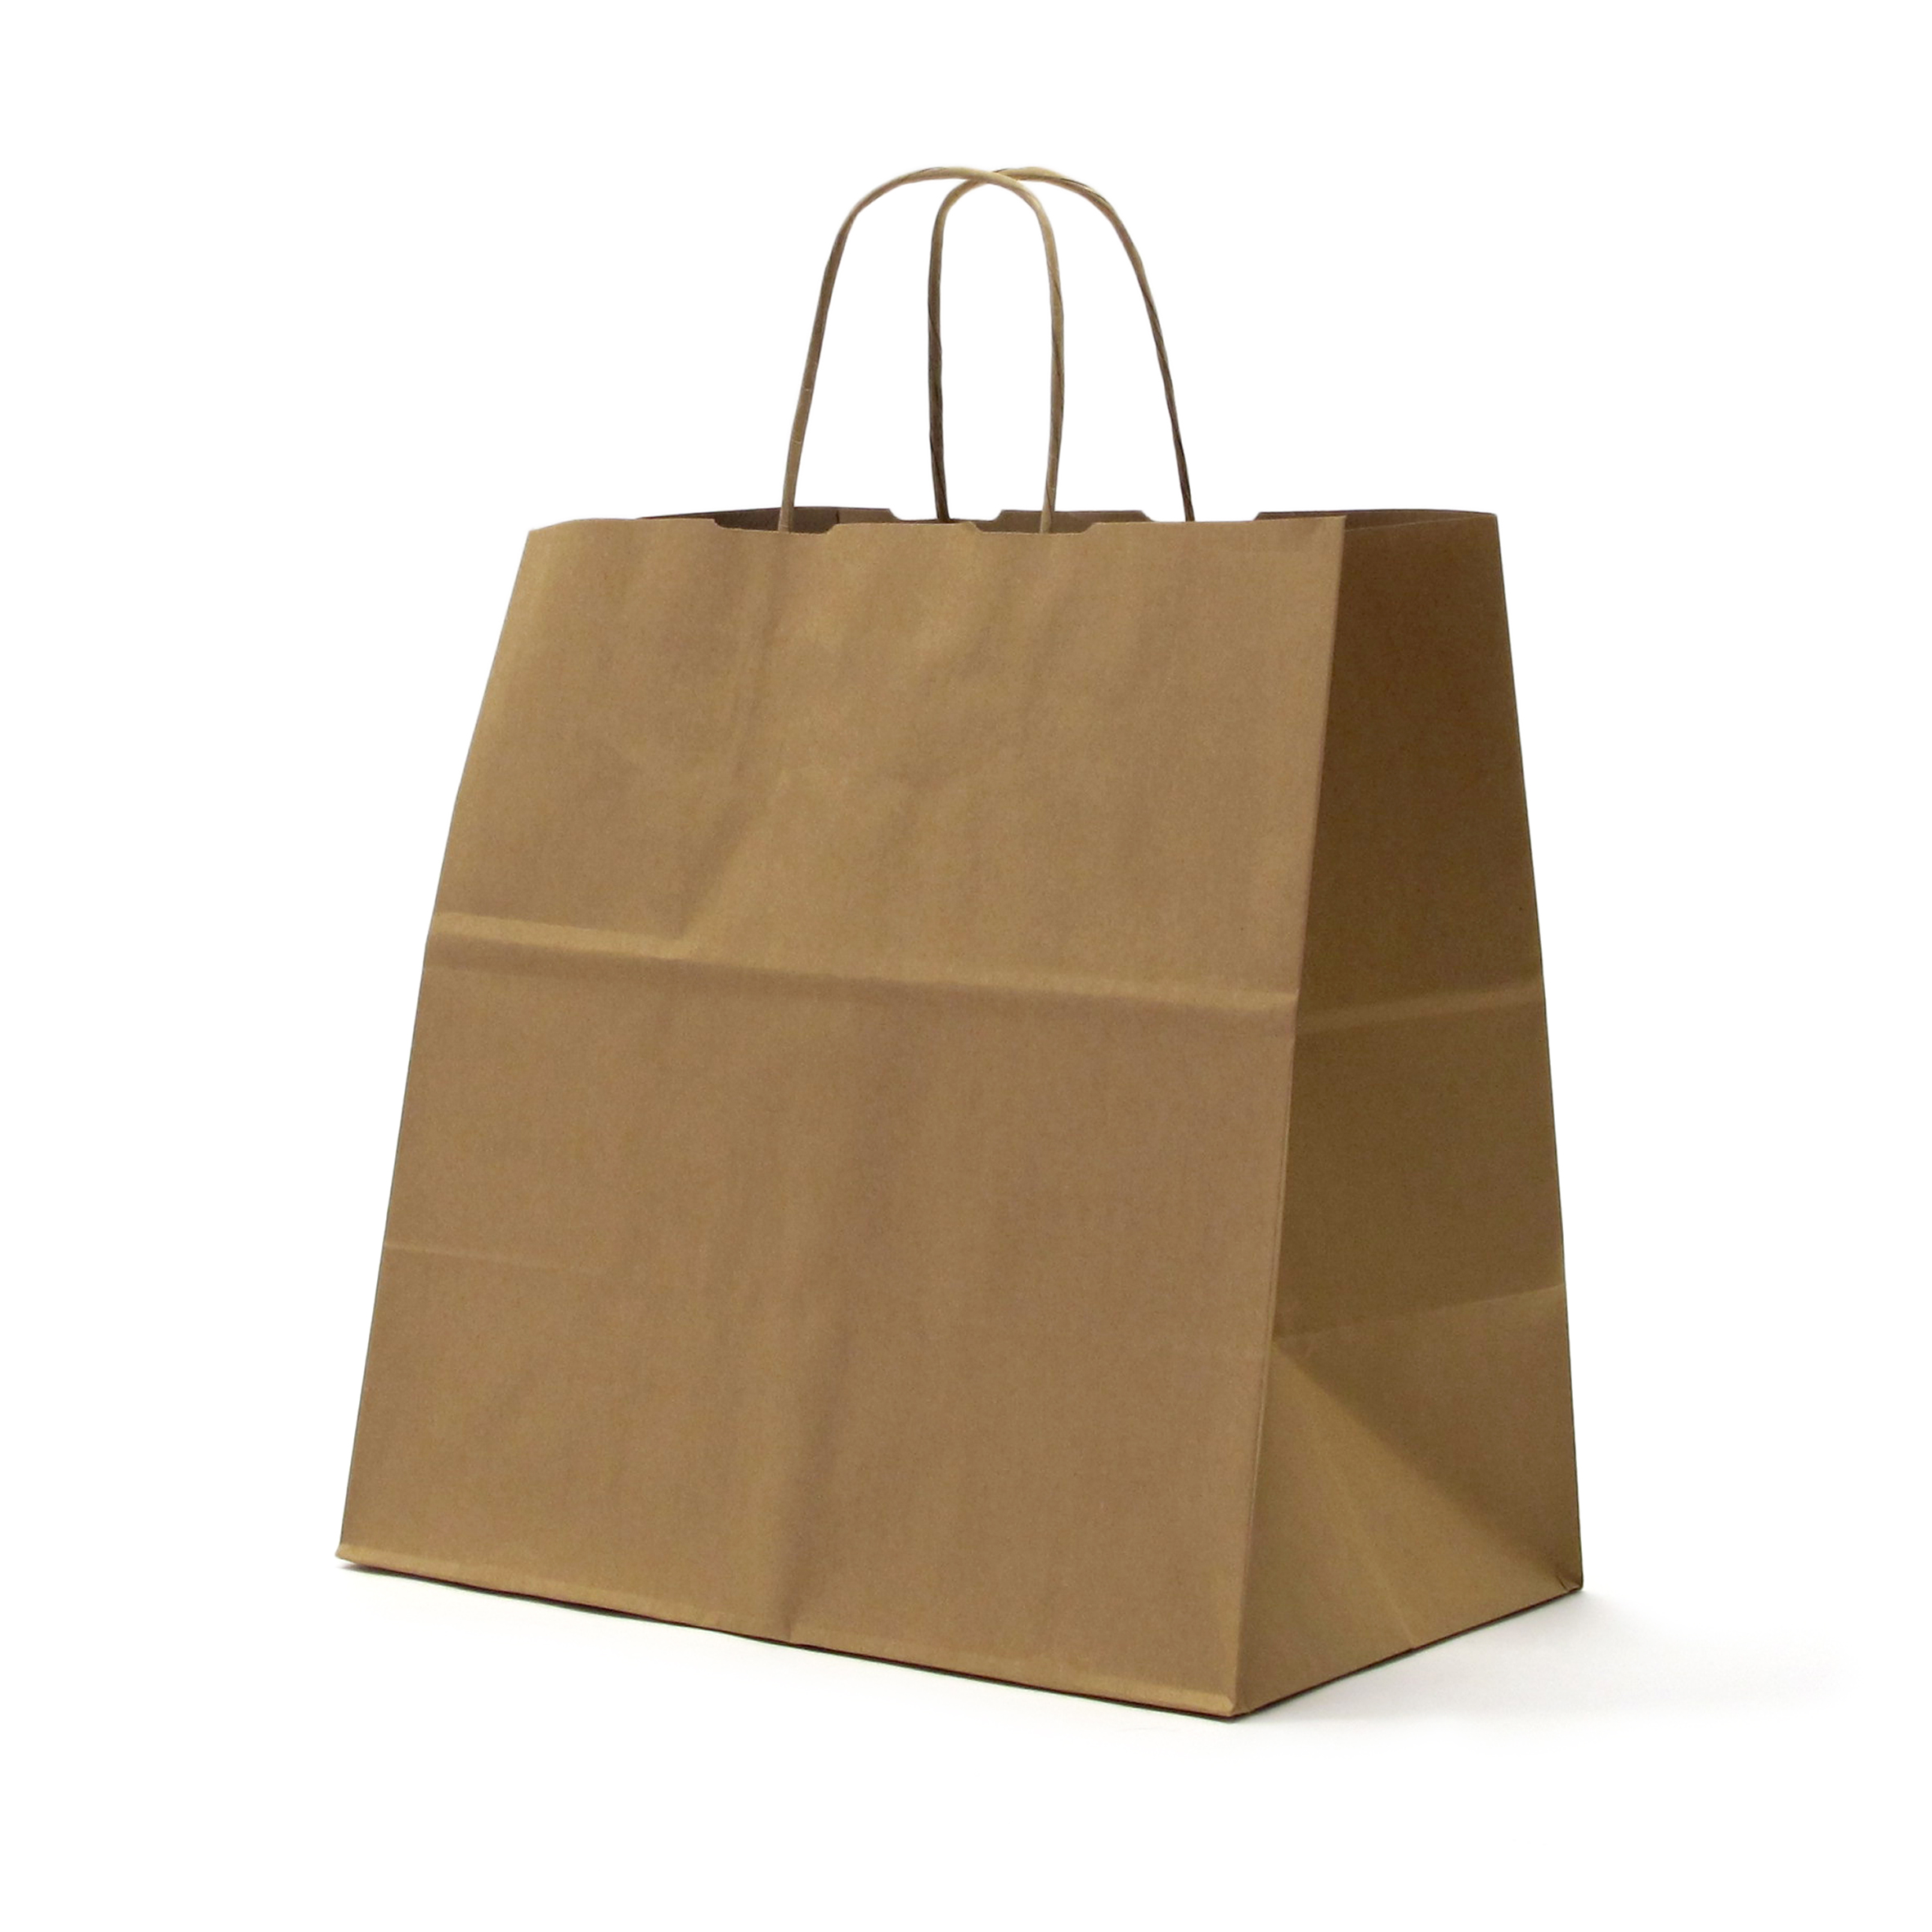 EL CARMEN Bolsa de papel Kraft liso | Asa de papel retorcida | Especial TAKE AWAY